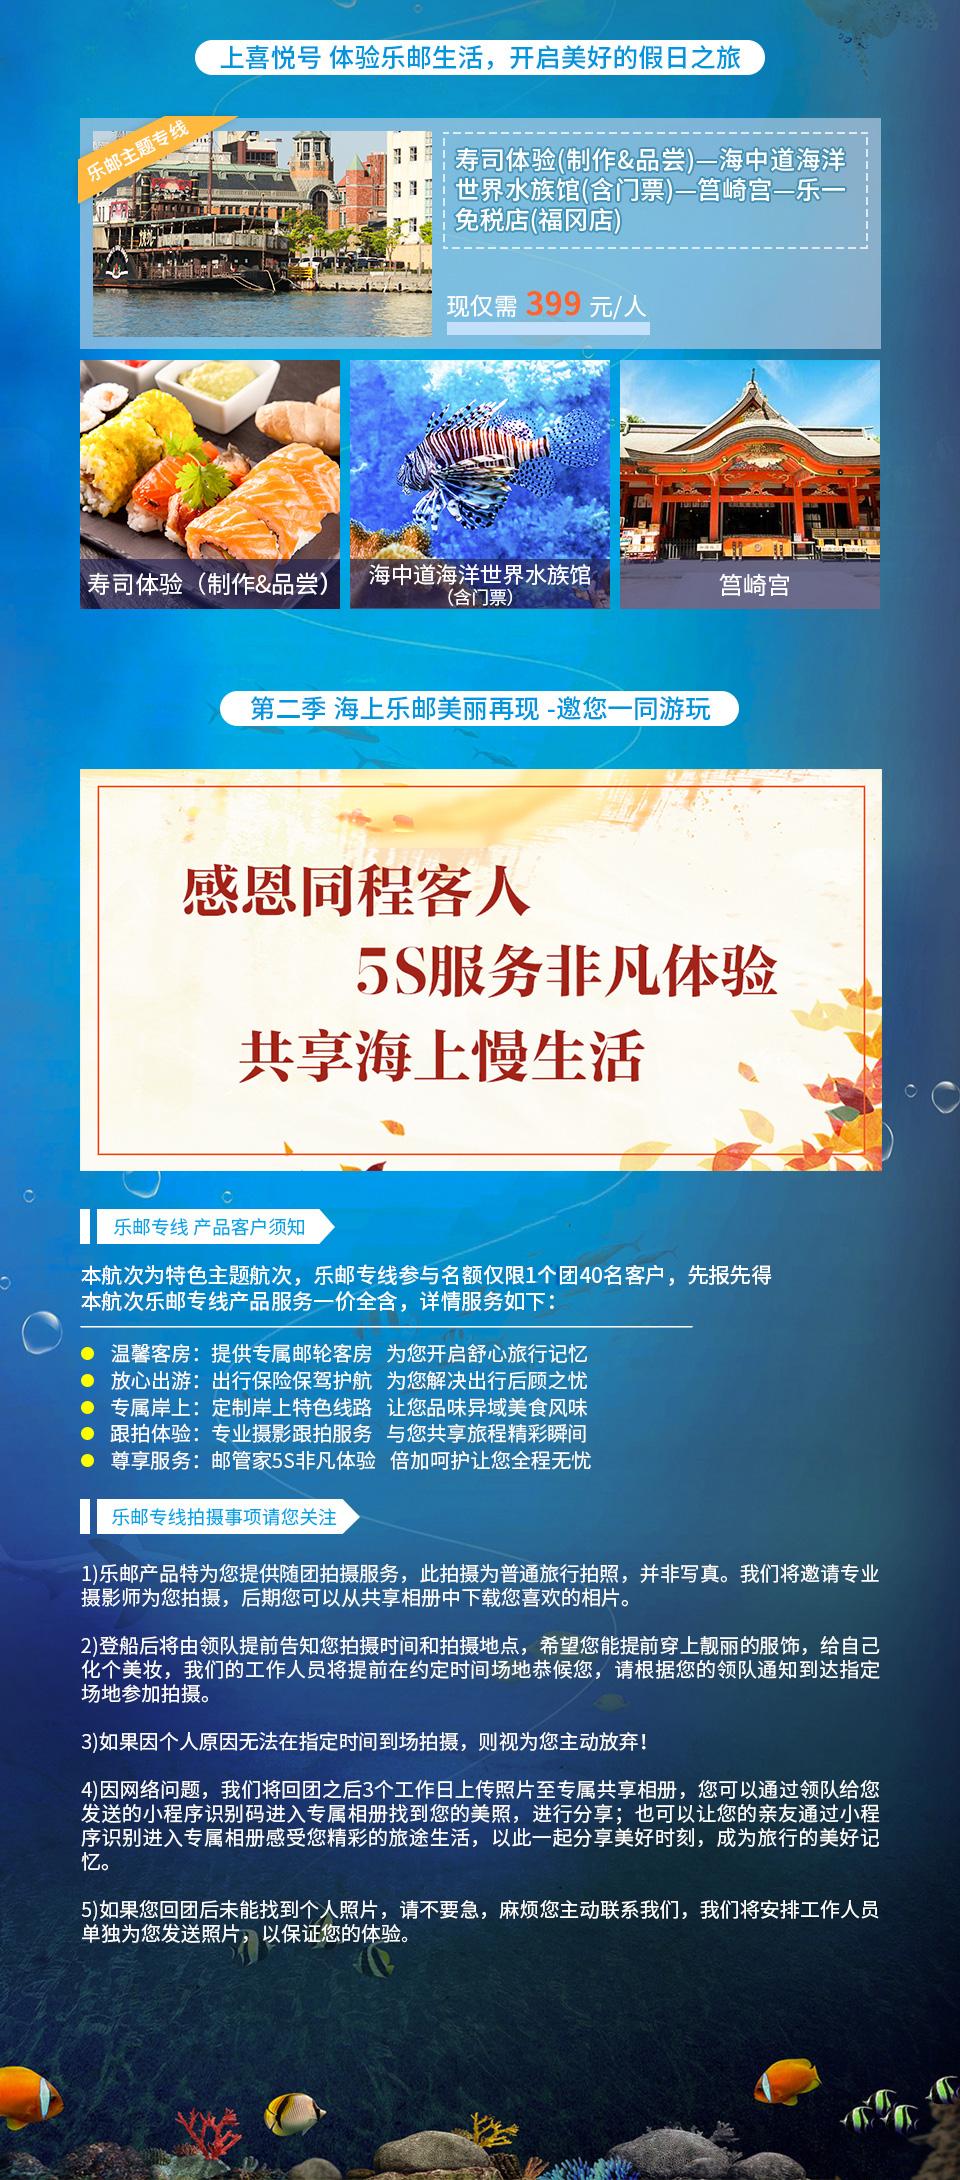 长图-产品终页包装_03.jpg